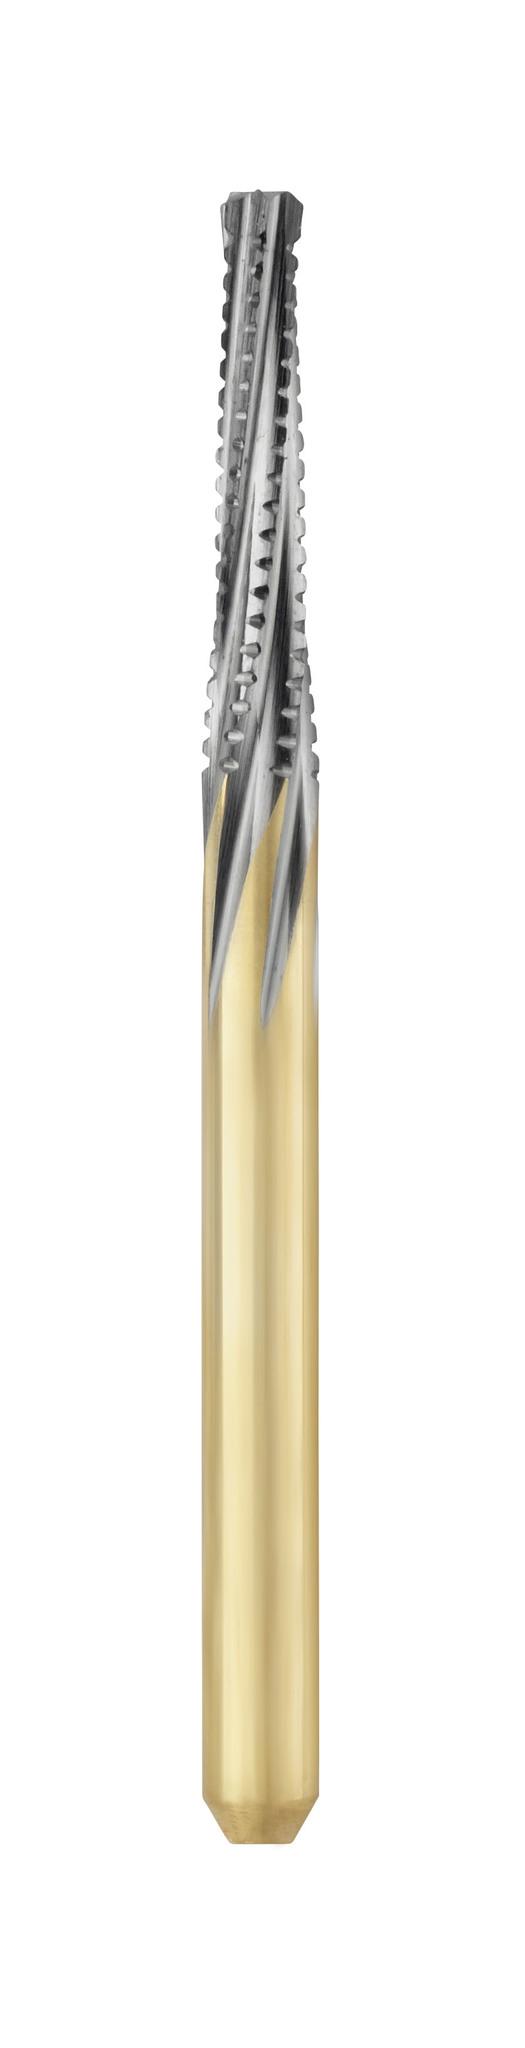 изображение Боры твердосплавные SSWHITE серии FG GW 847-016 Ultra Shoulder (Плоский конец)